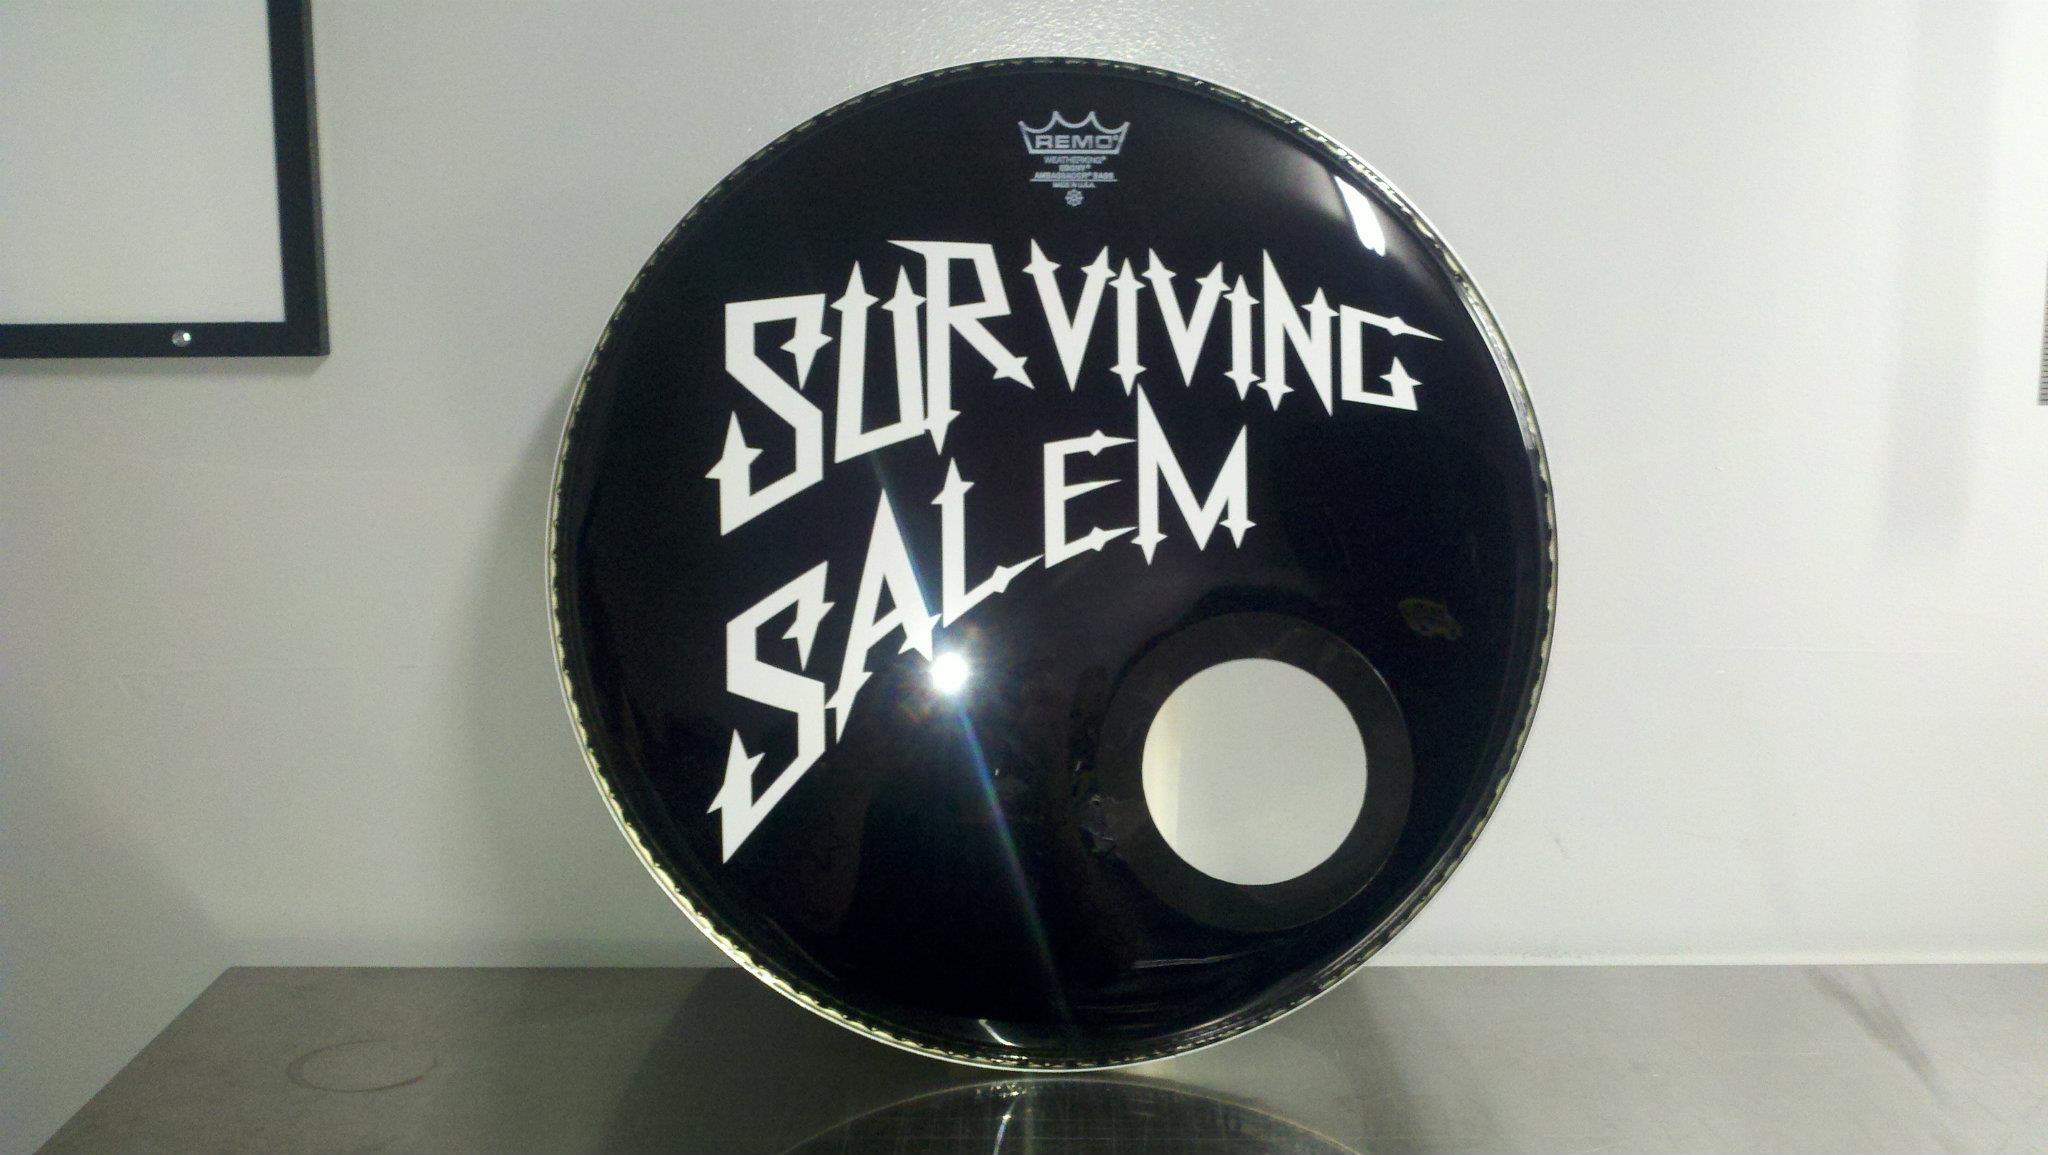 Surviving Salem